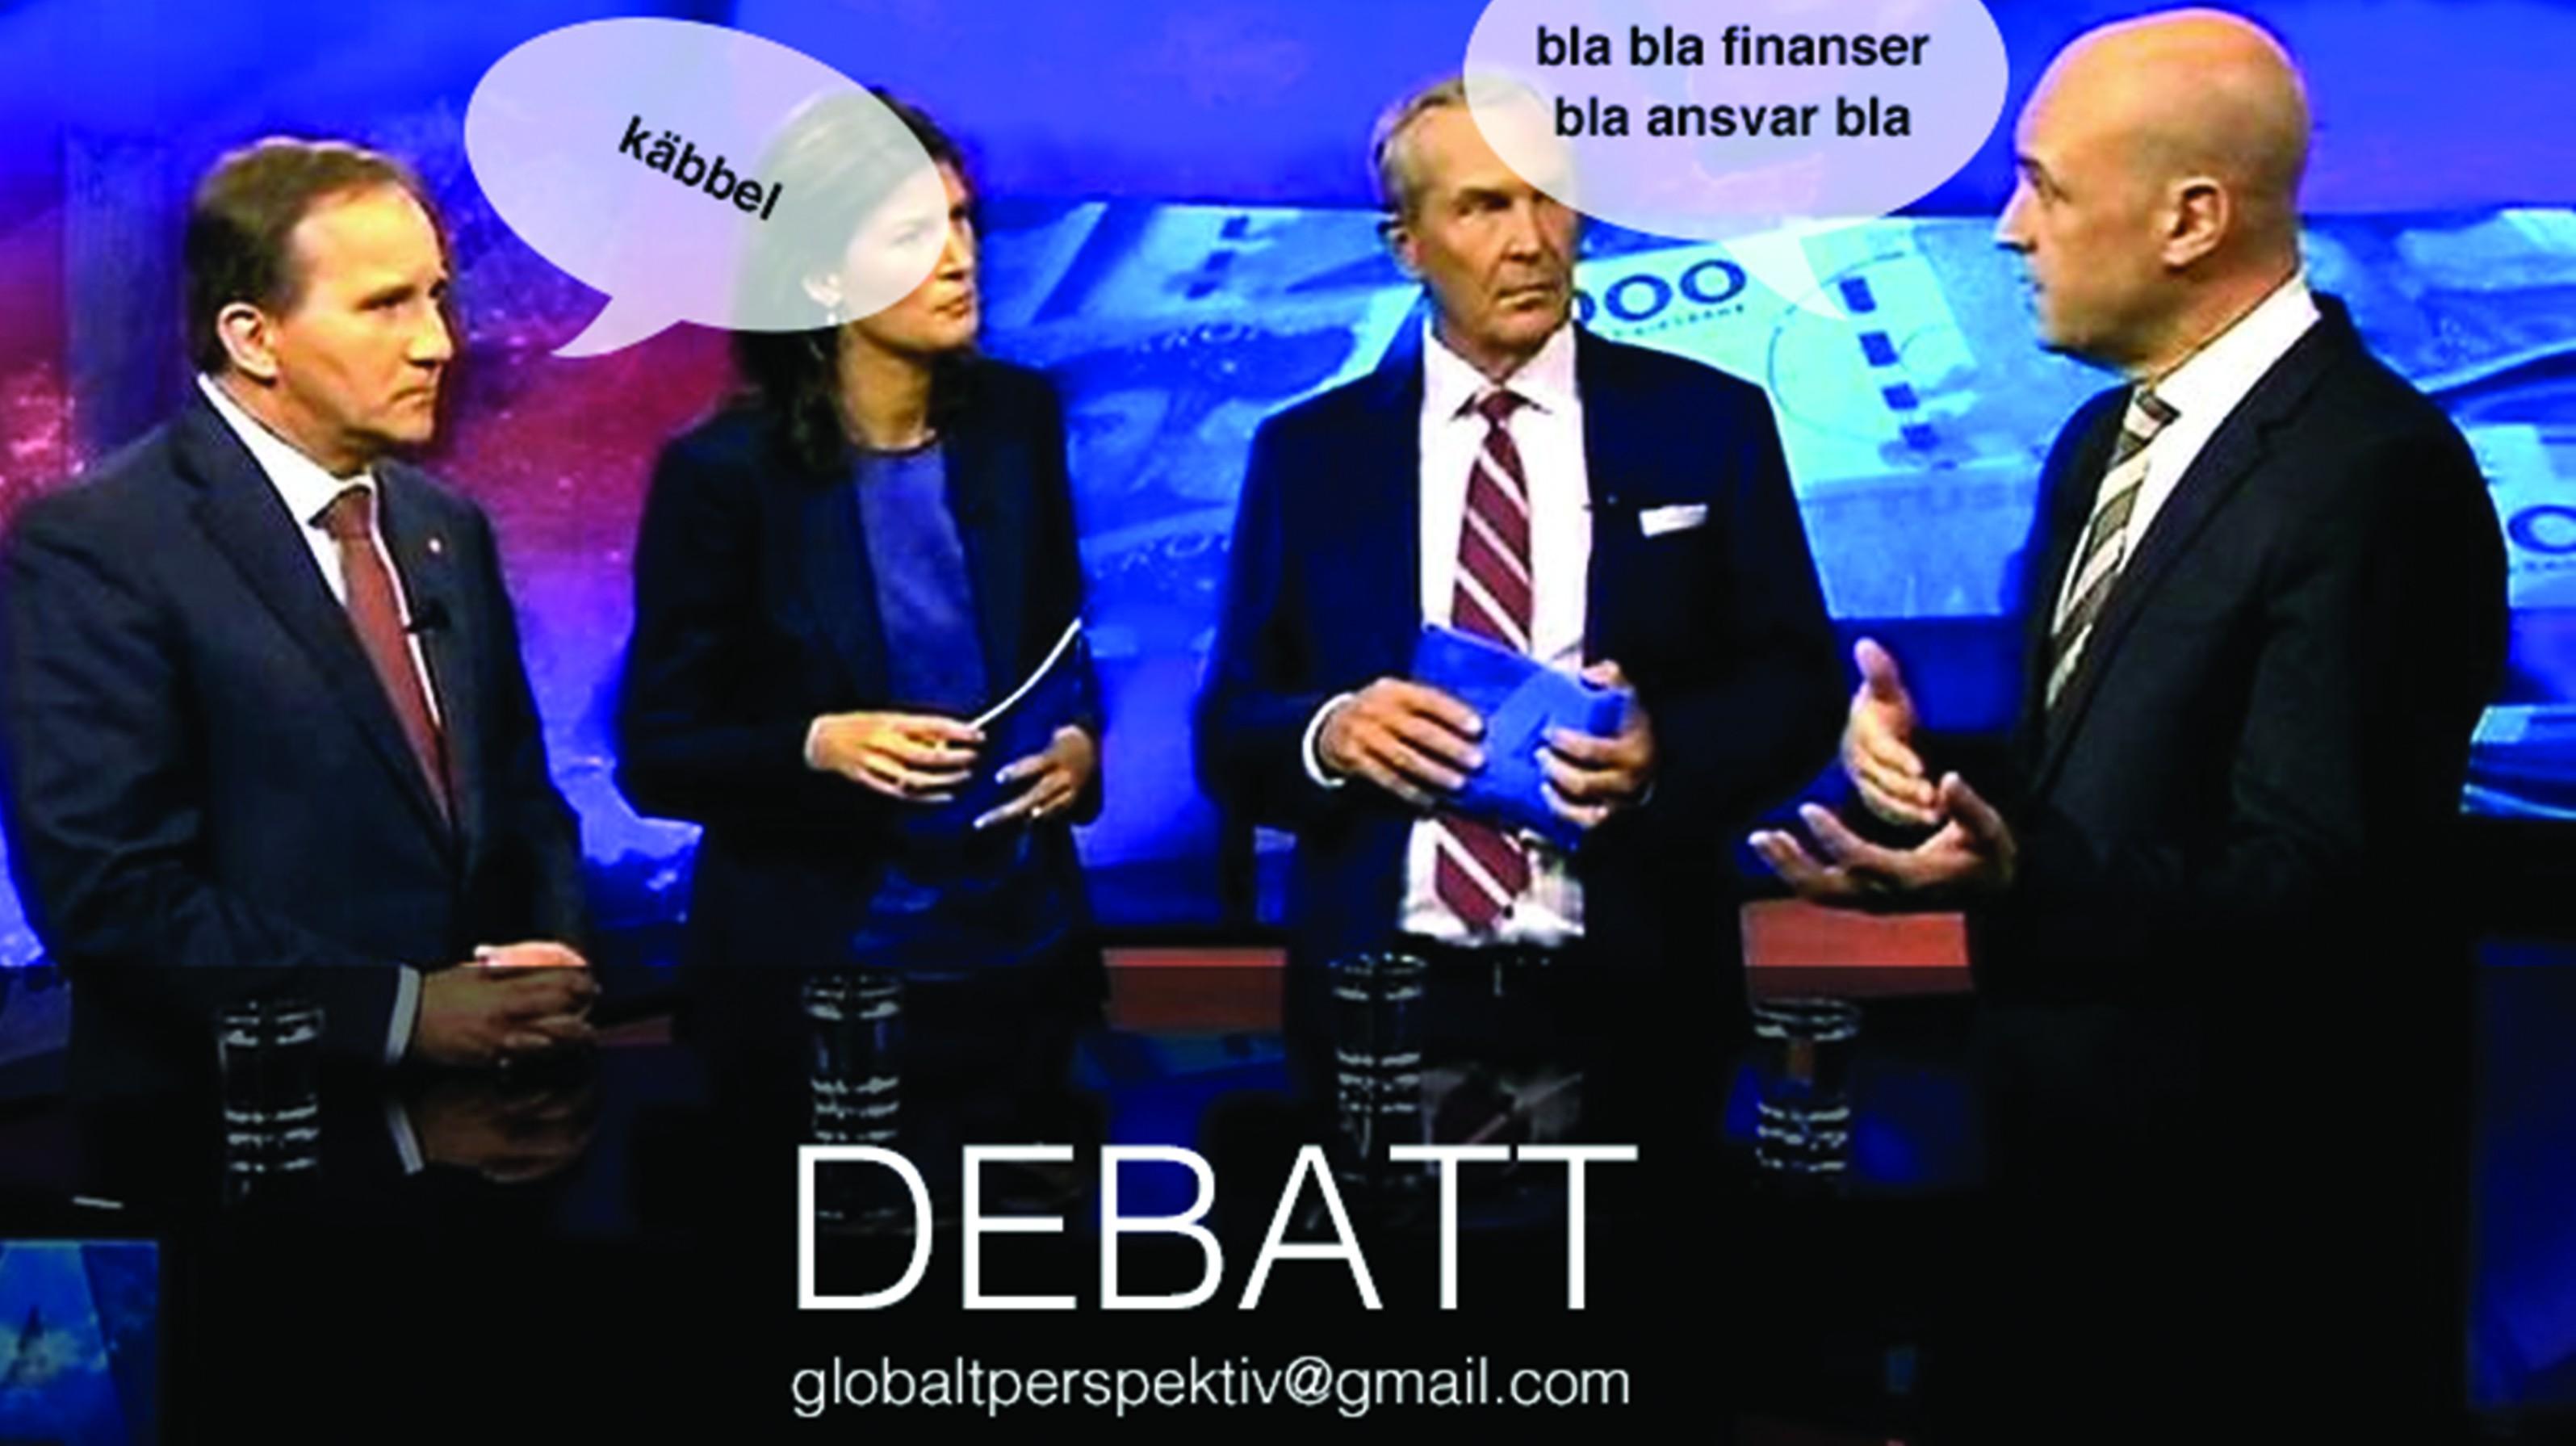 Skicka in en debattartikel till globaltperspektiv.se!